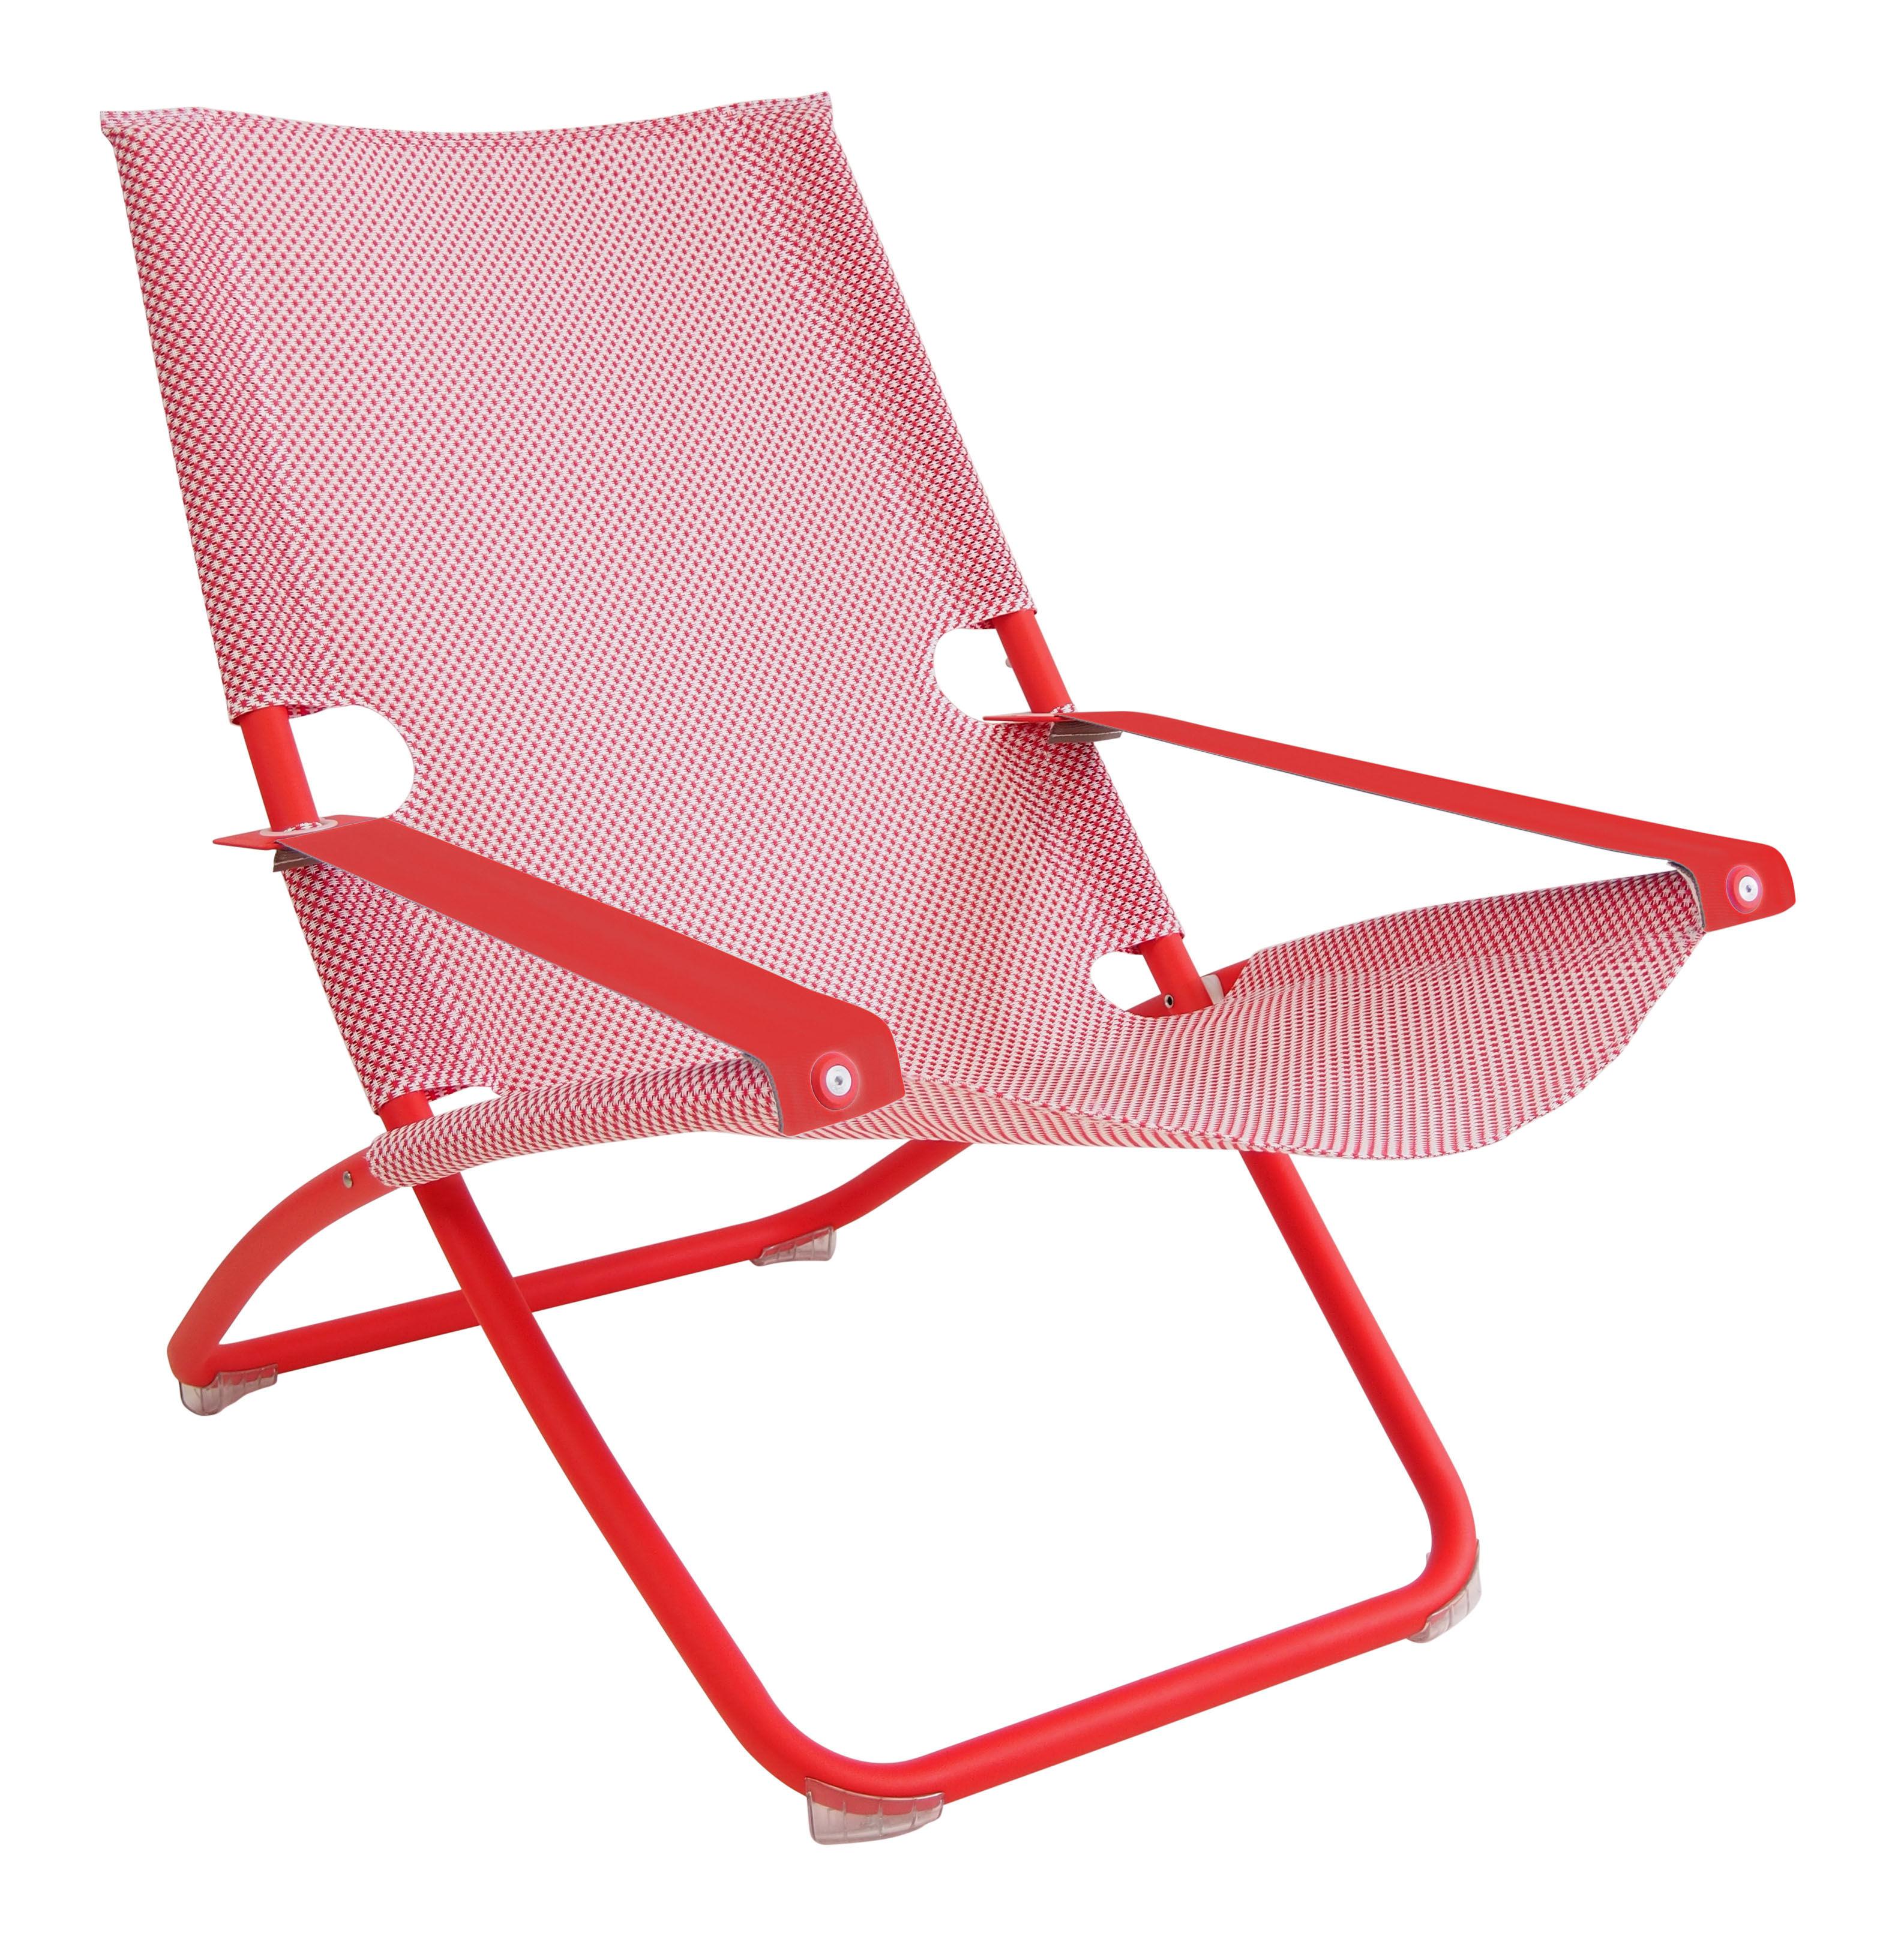 Outdoor - Chaises longues et hamacs - Chaise longue Snooze / Pliable - 2 positions - Emu - Rouge - Acier verni, Tissu technique